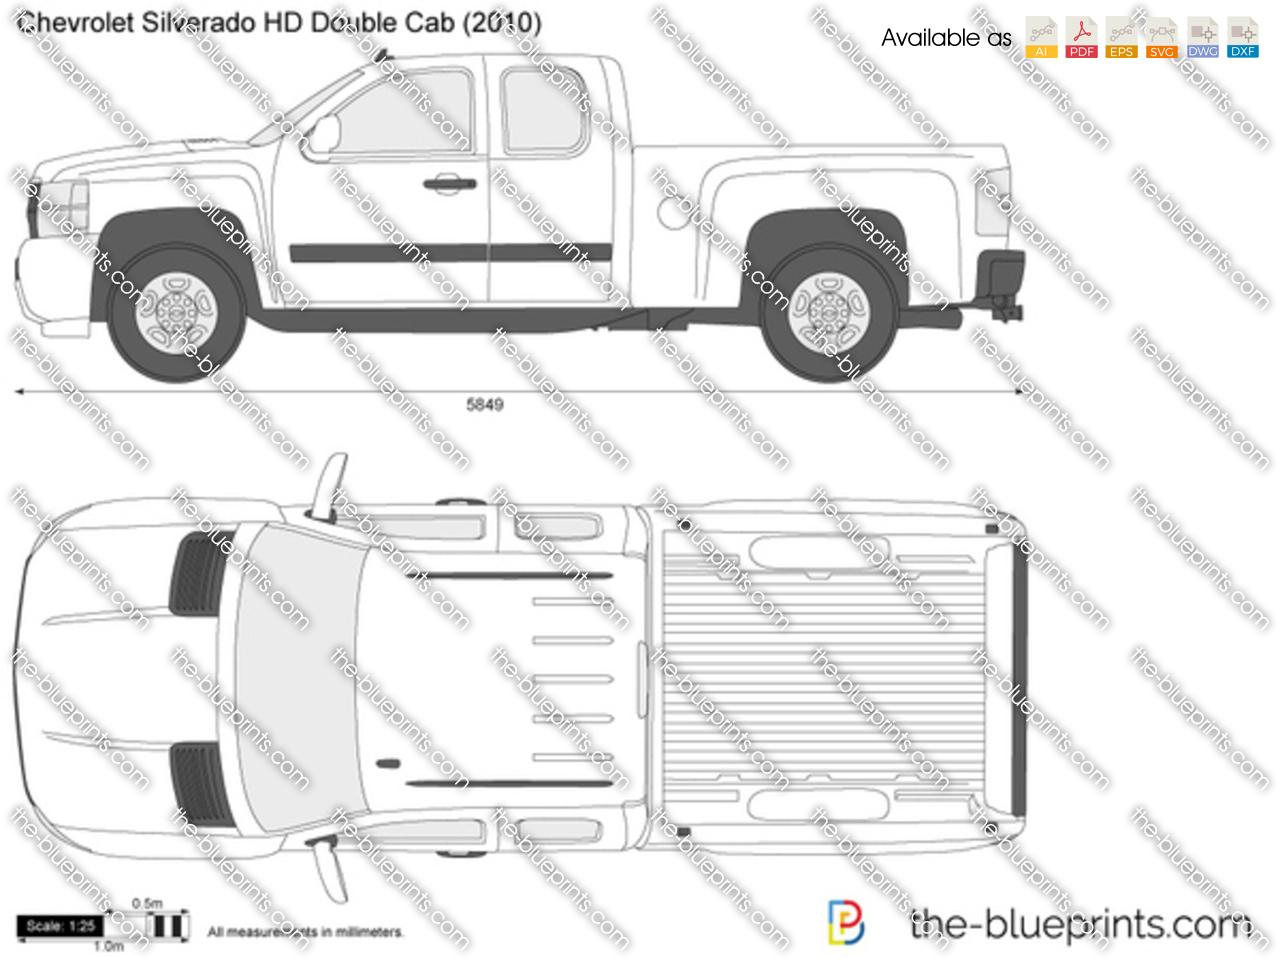 Chevrolet Silverado HD Double Cab